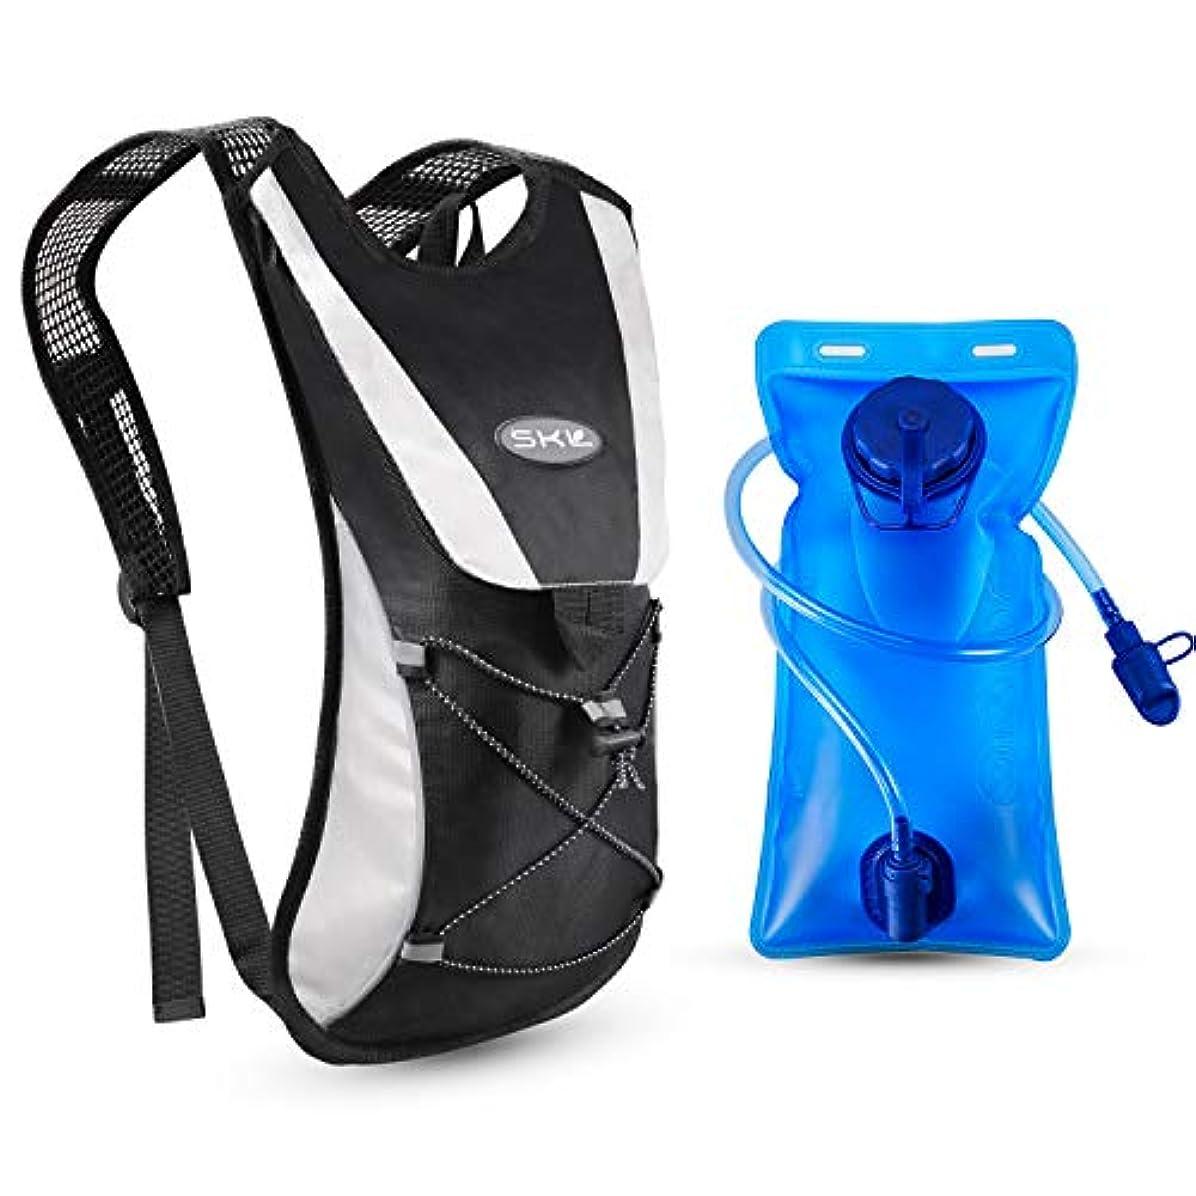 雑種世代近々GIM ハイドレーションパック バックパック 2L給水袋付き ハイドレーション リザーバー 水分補給 軽量 ウオーターキャリー デイパック 通気 防水 光反射 バッグ サイクリング トレラン ランニング 登山 遠足 アウトドア リュックサック